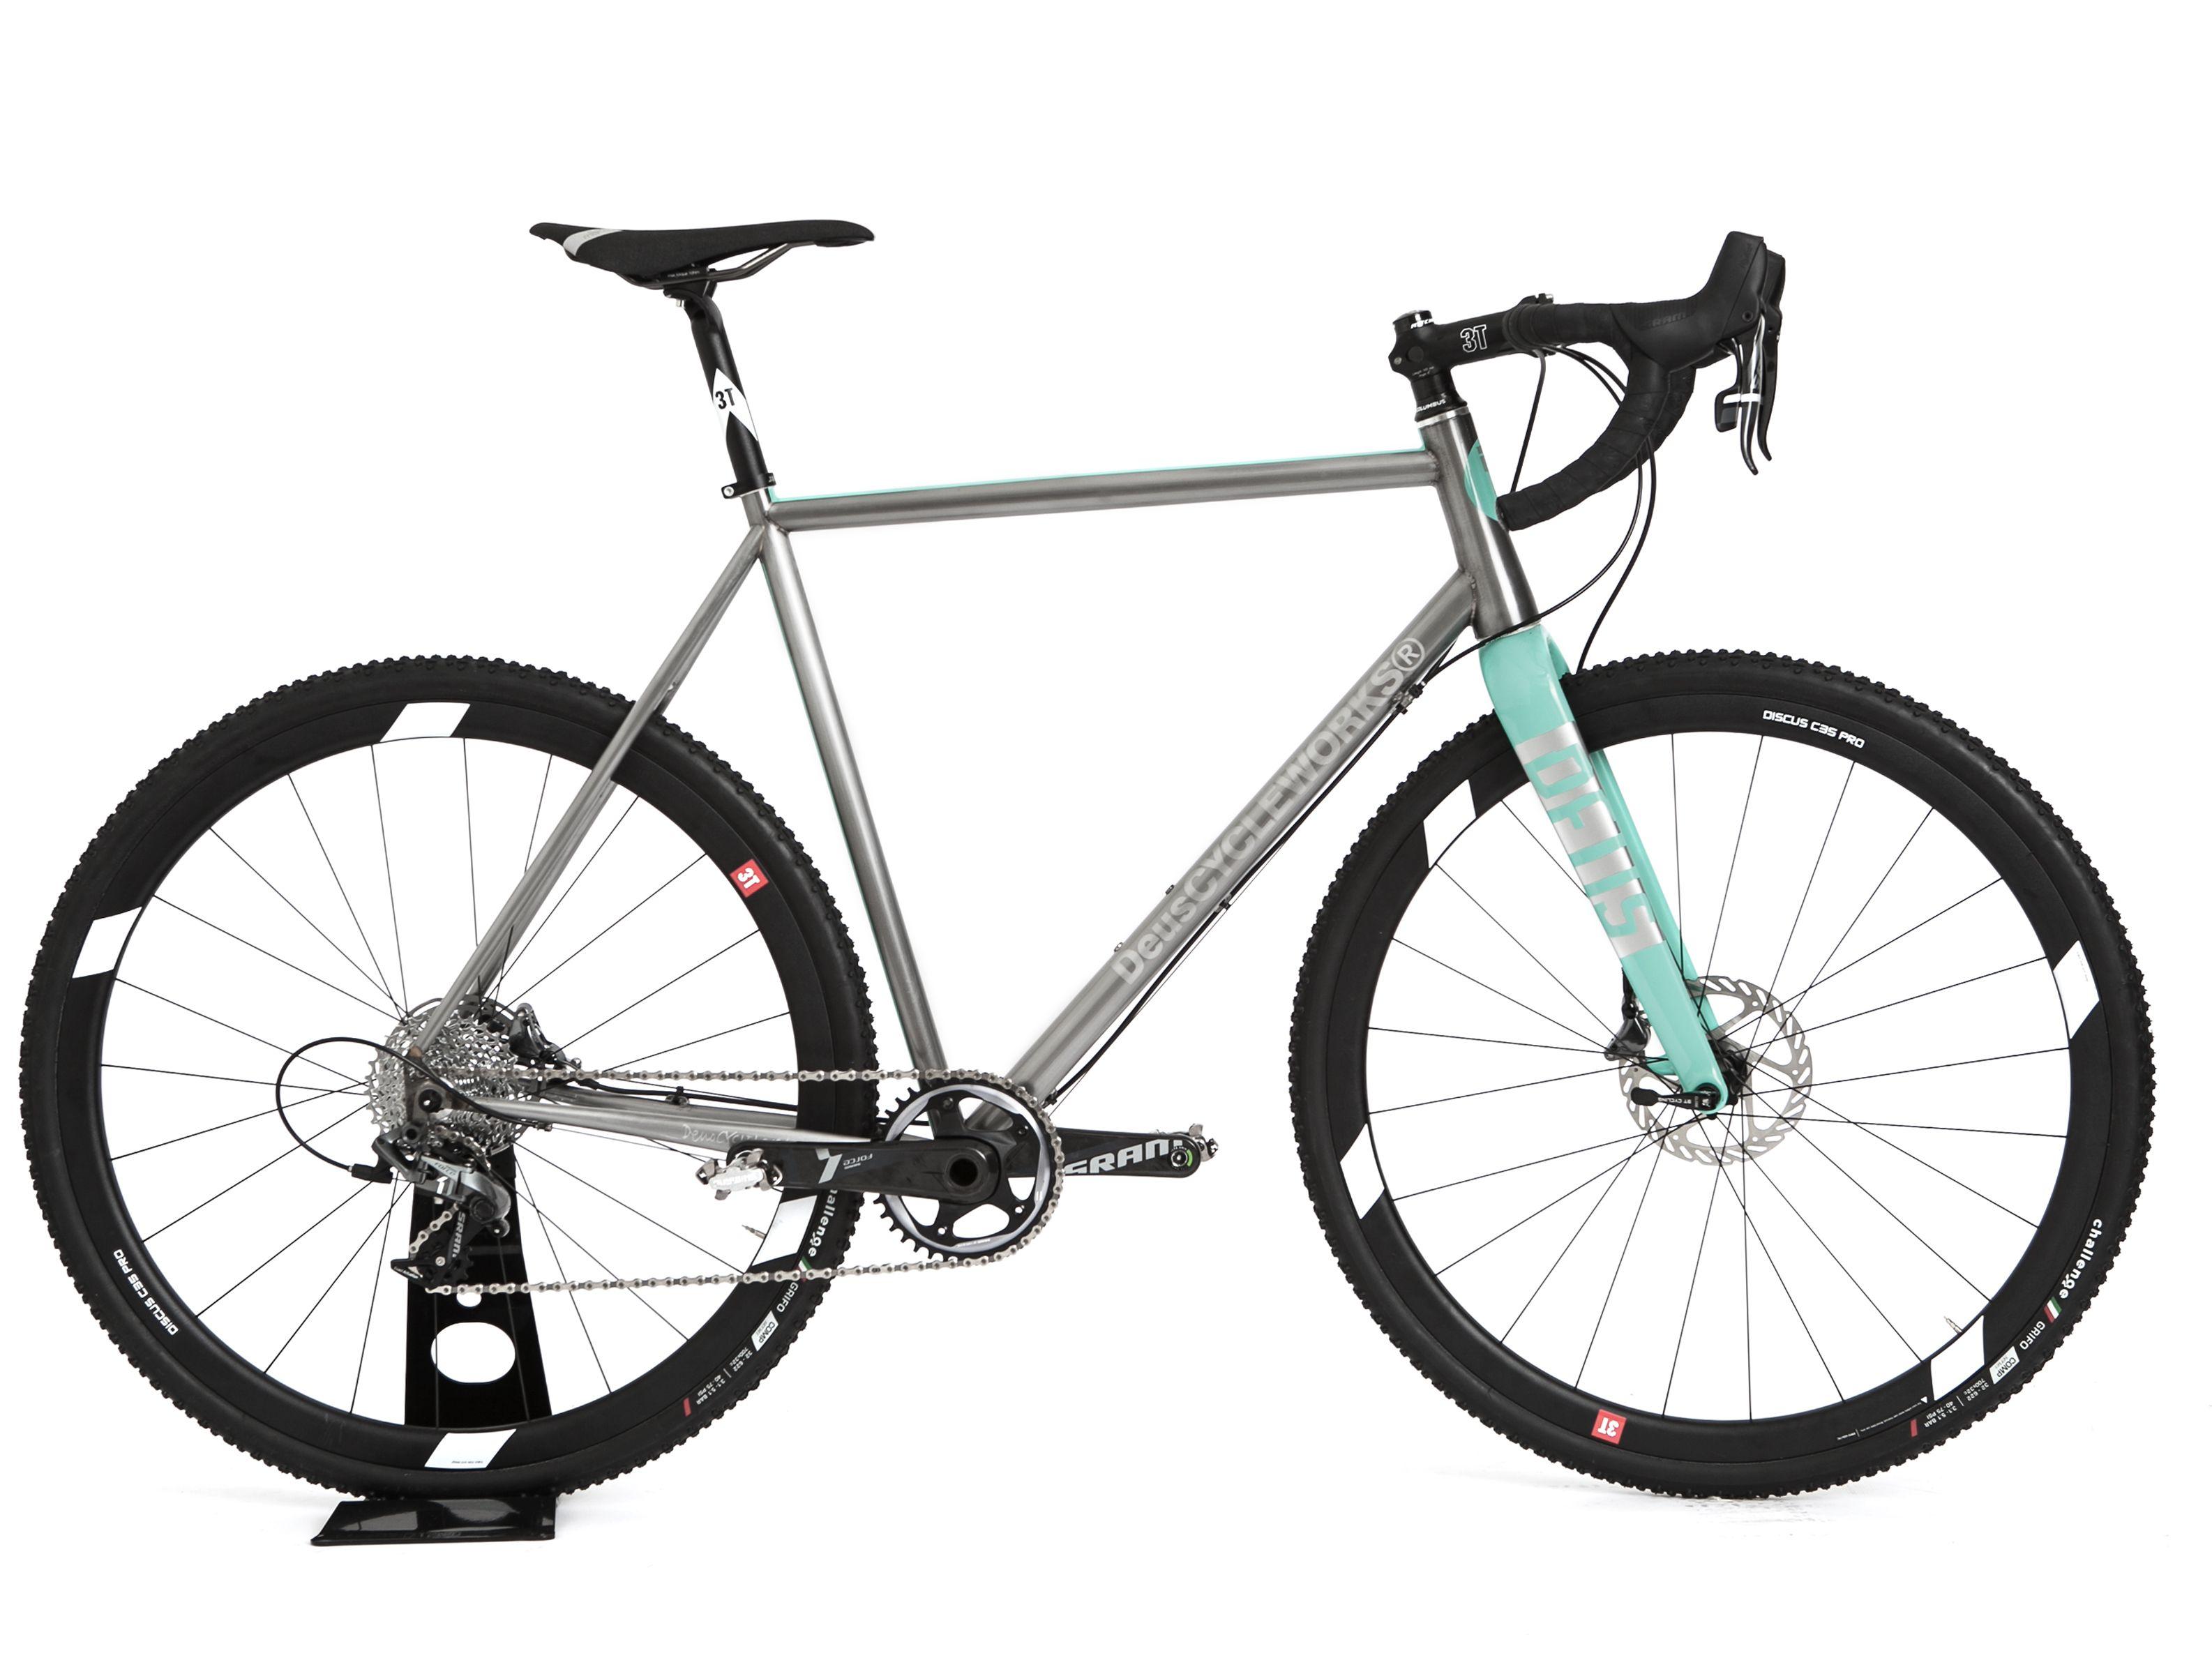 Deus Stralusc The Deus Cyclocross And Gravel Bike Bike Deus Ex